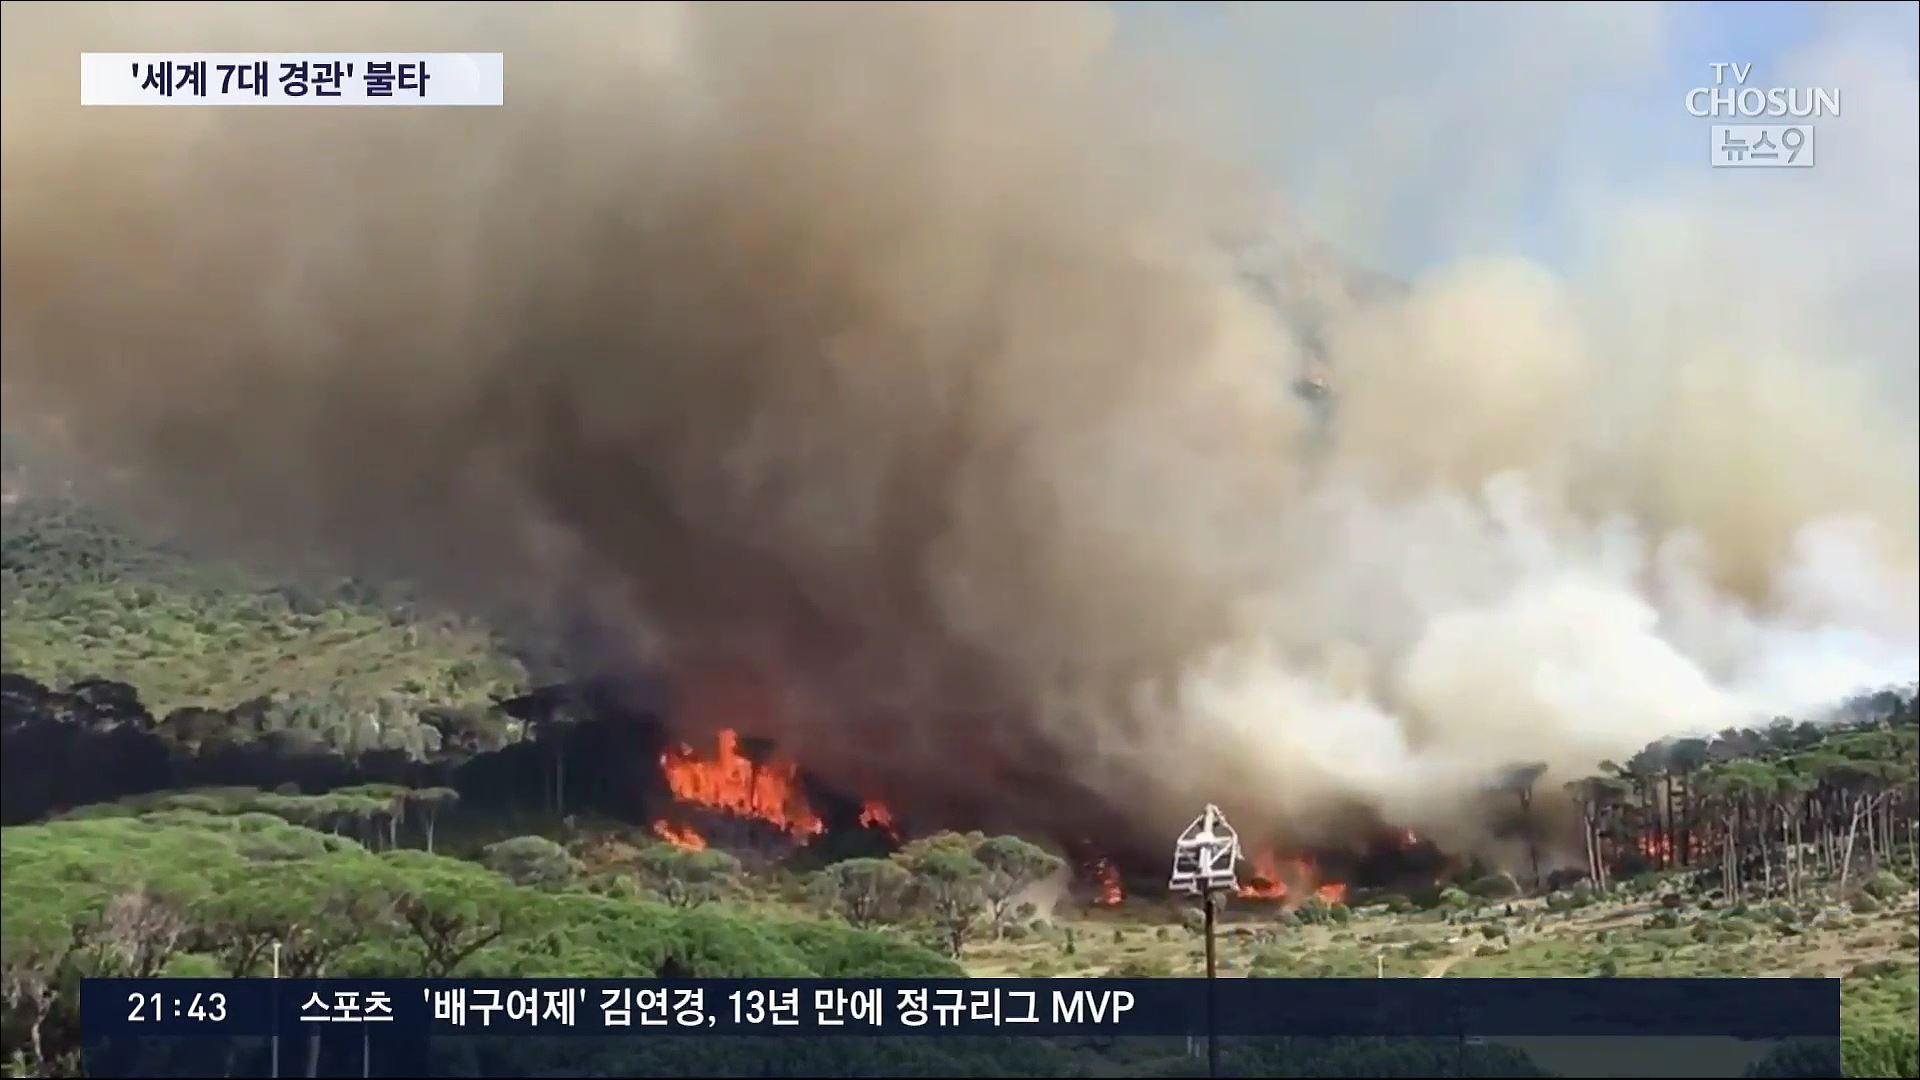 '세계 7대 경관' 남아공 테이블마운틴 산불…'아직도 통제 불능'